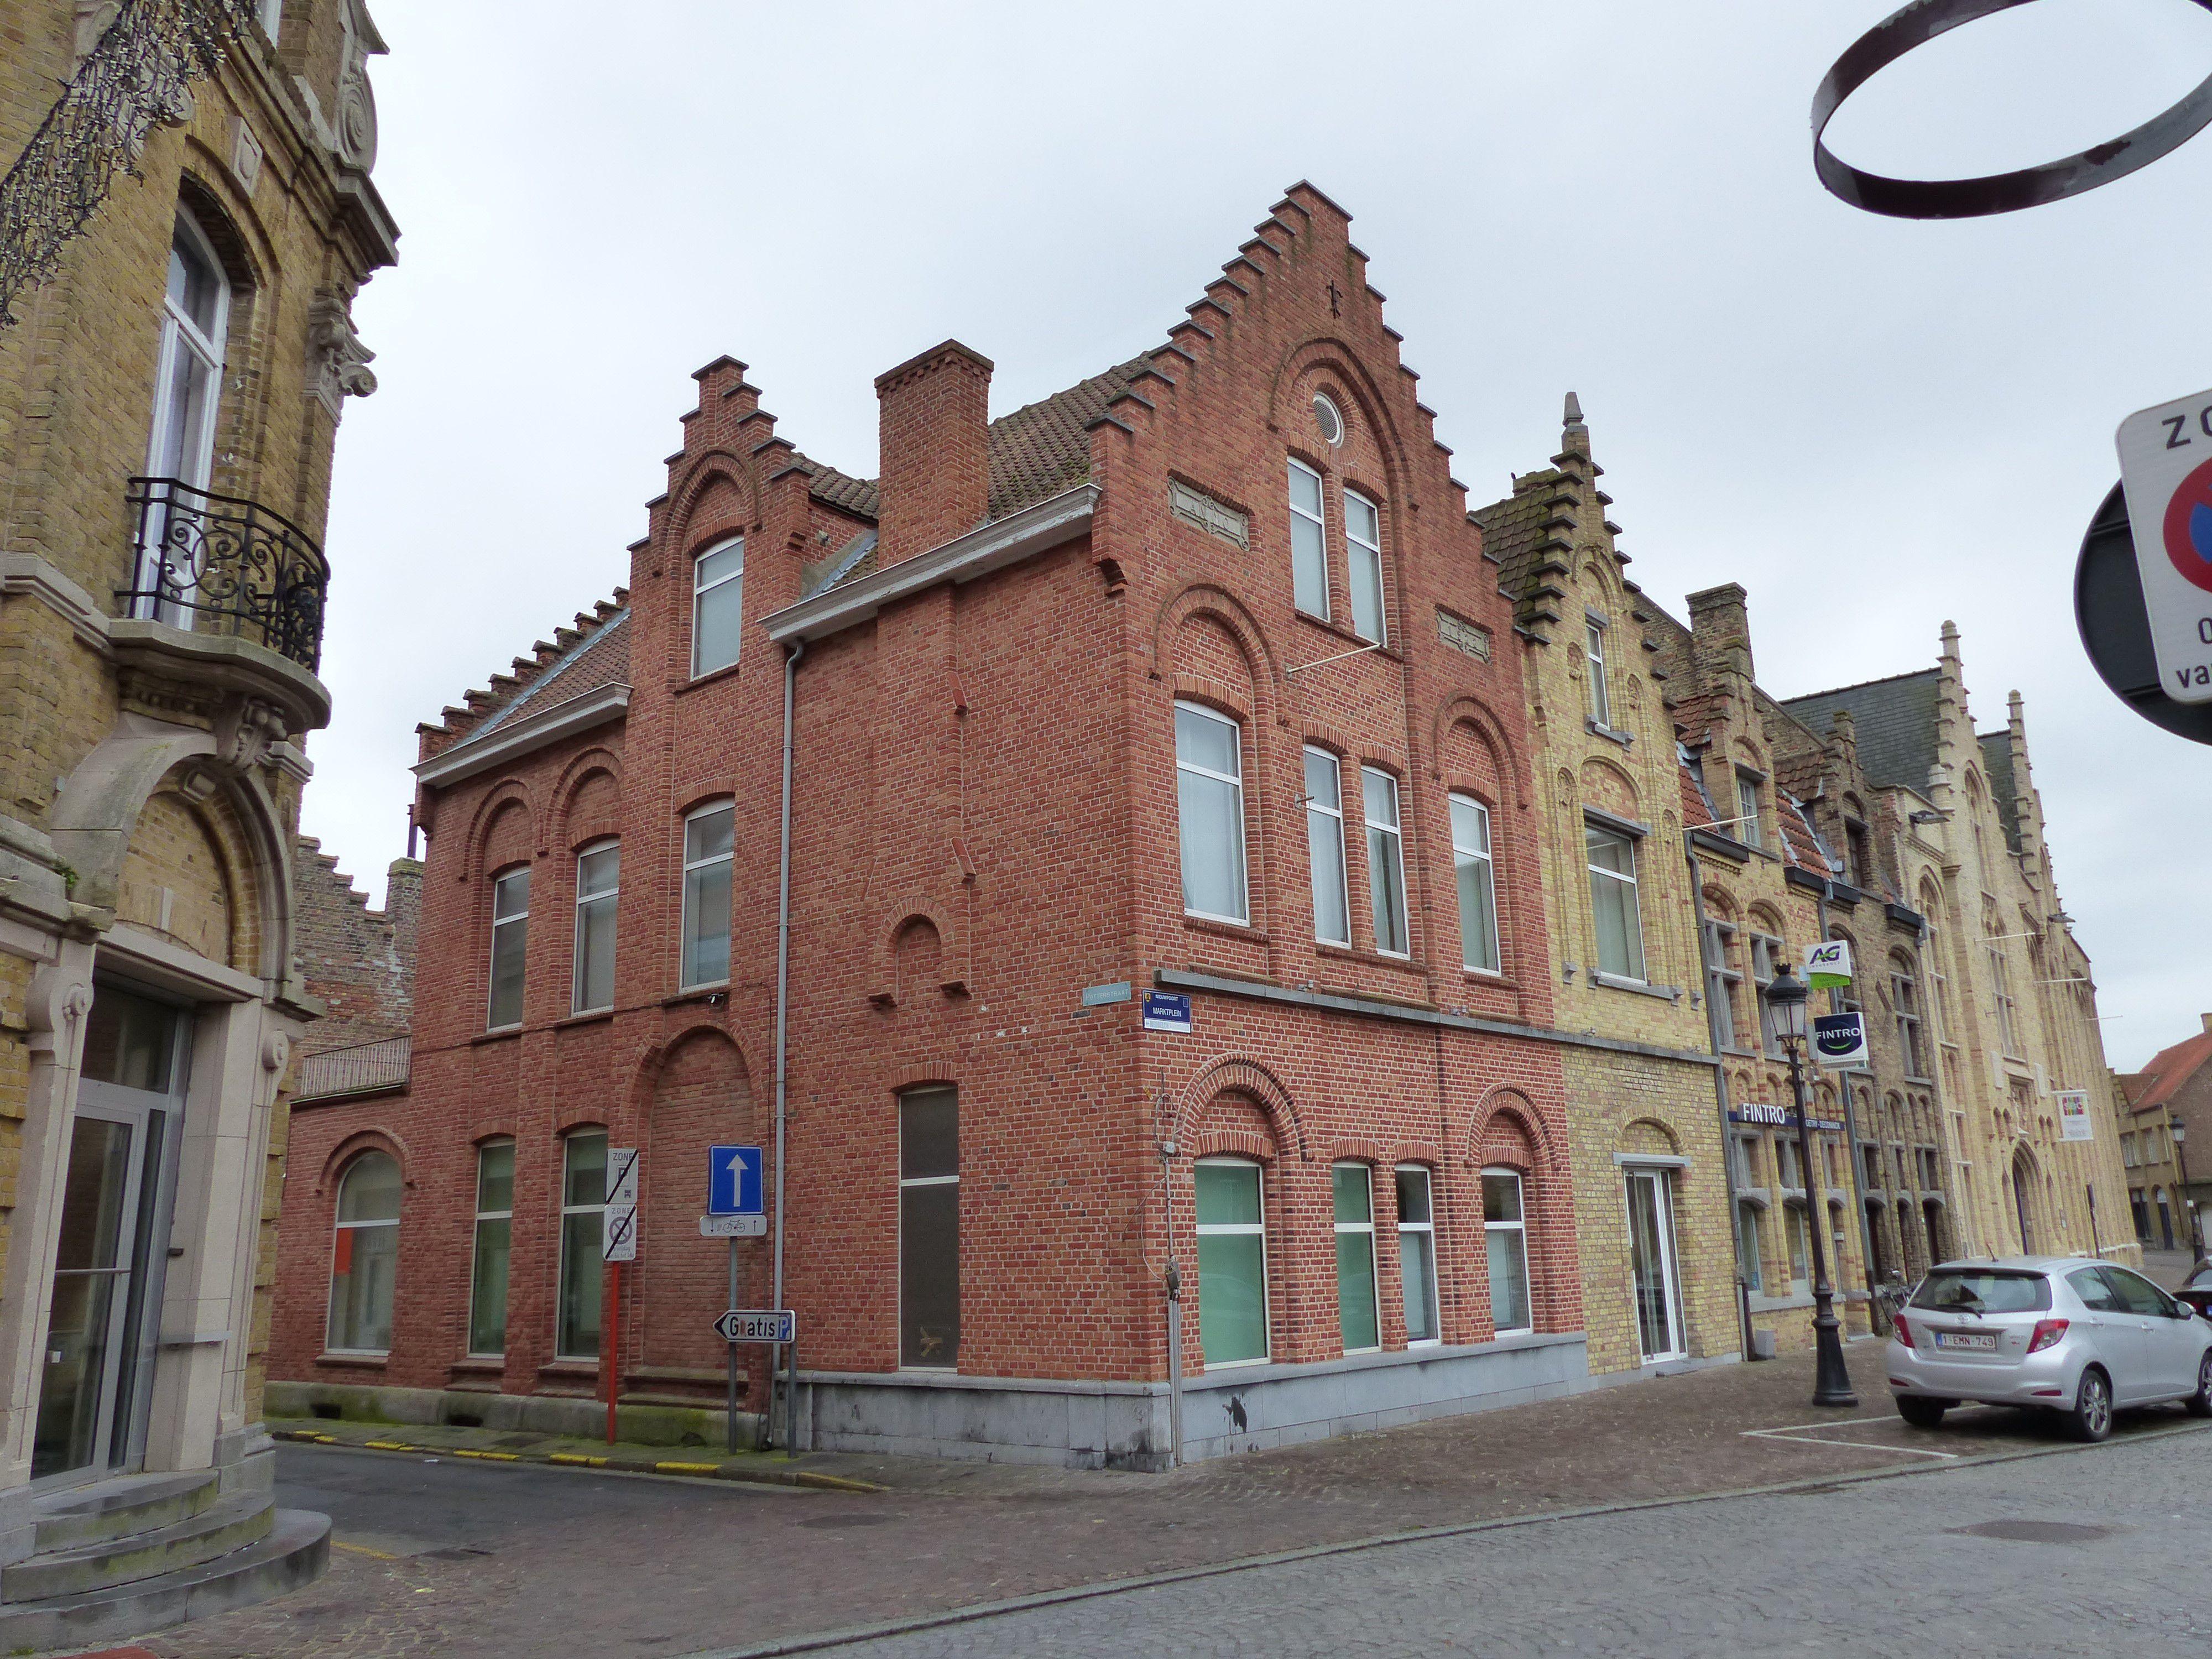 Appartement 3 slaapkamers te koop Marktplein Nieuwpoort - 9110